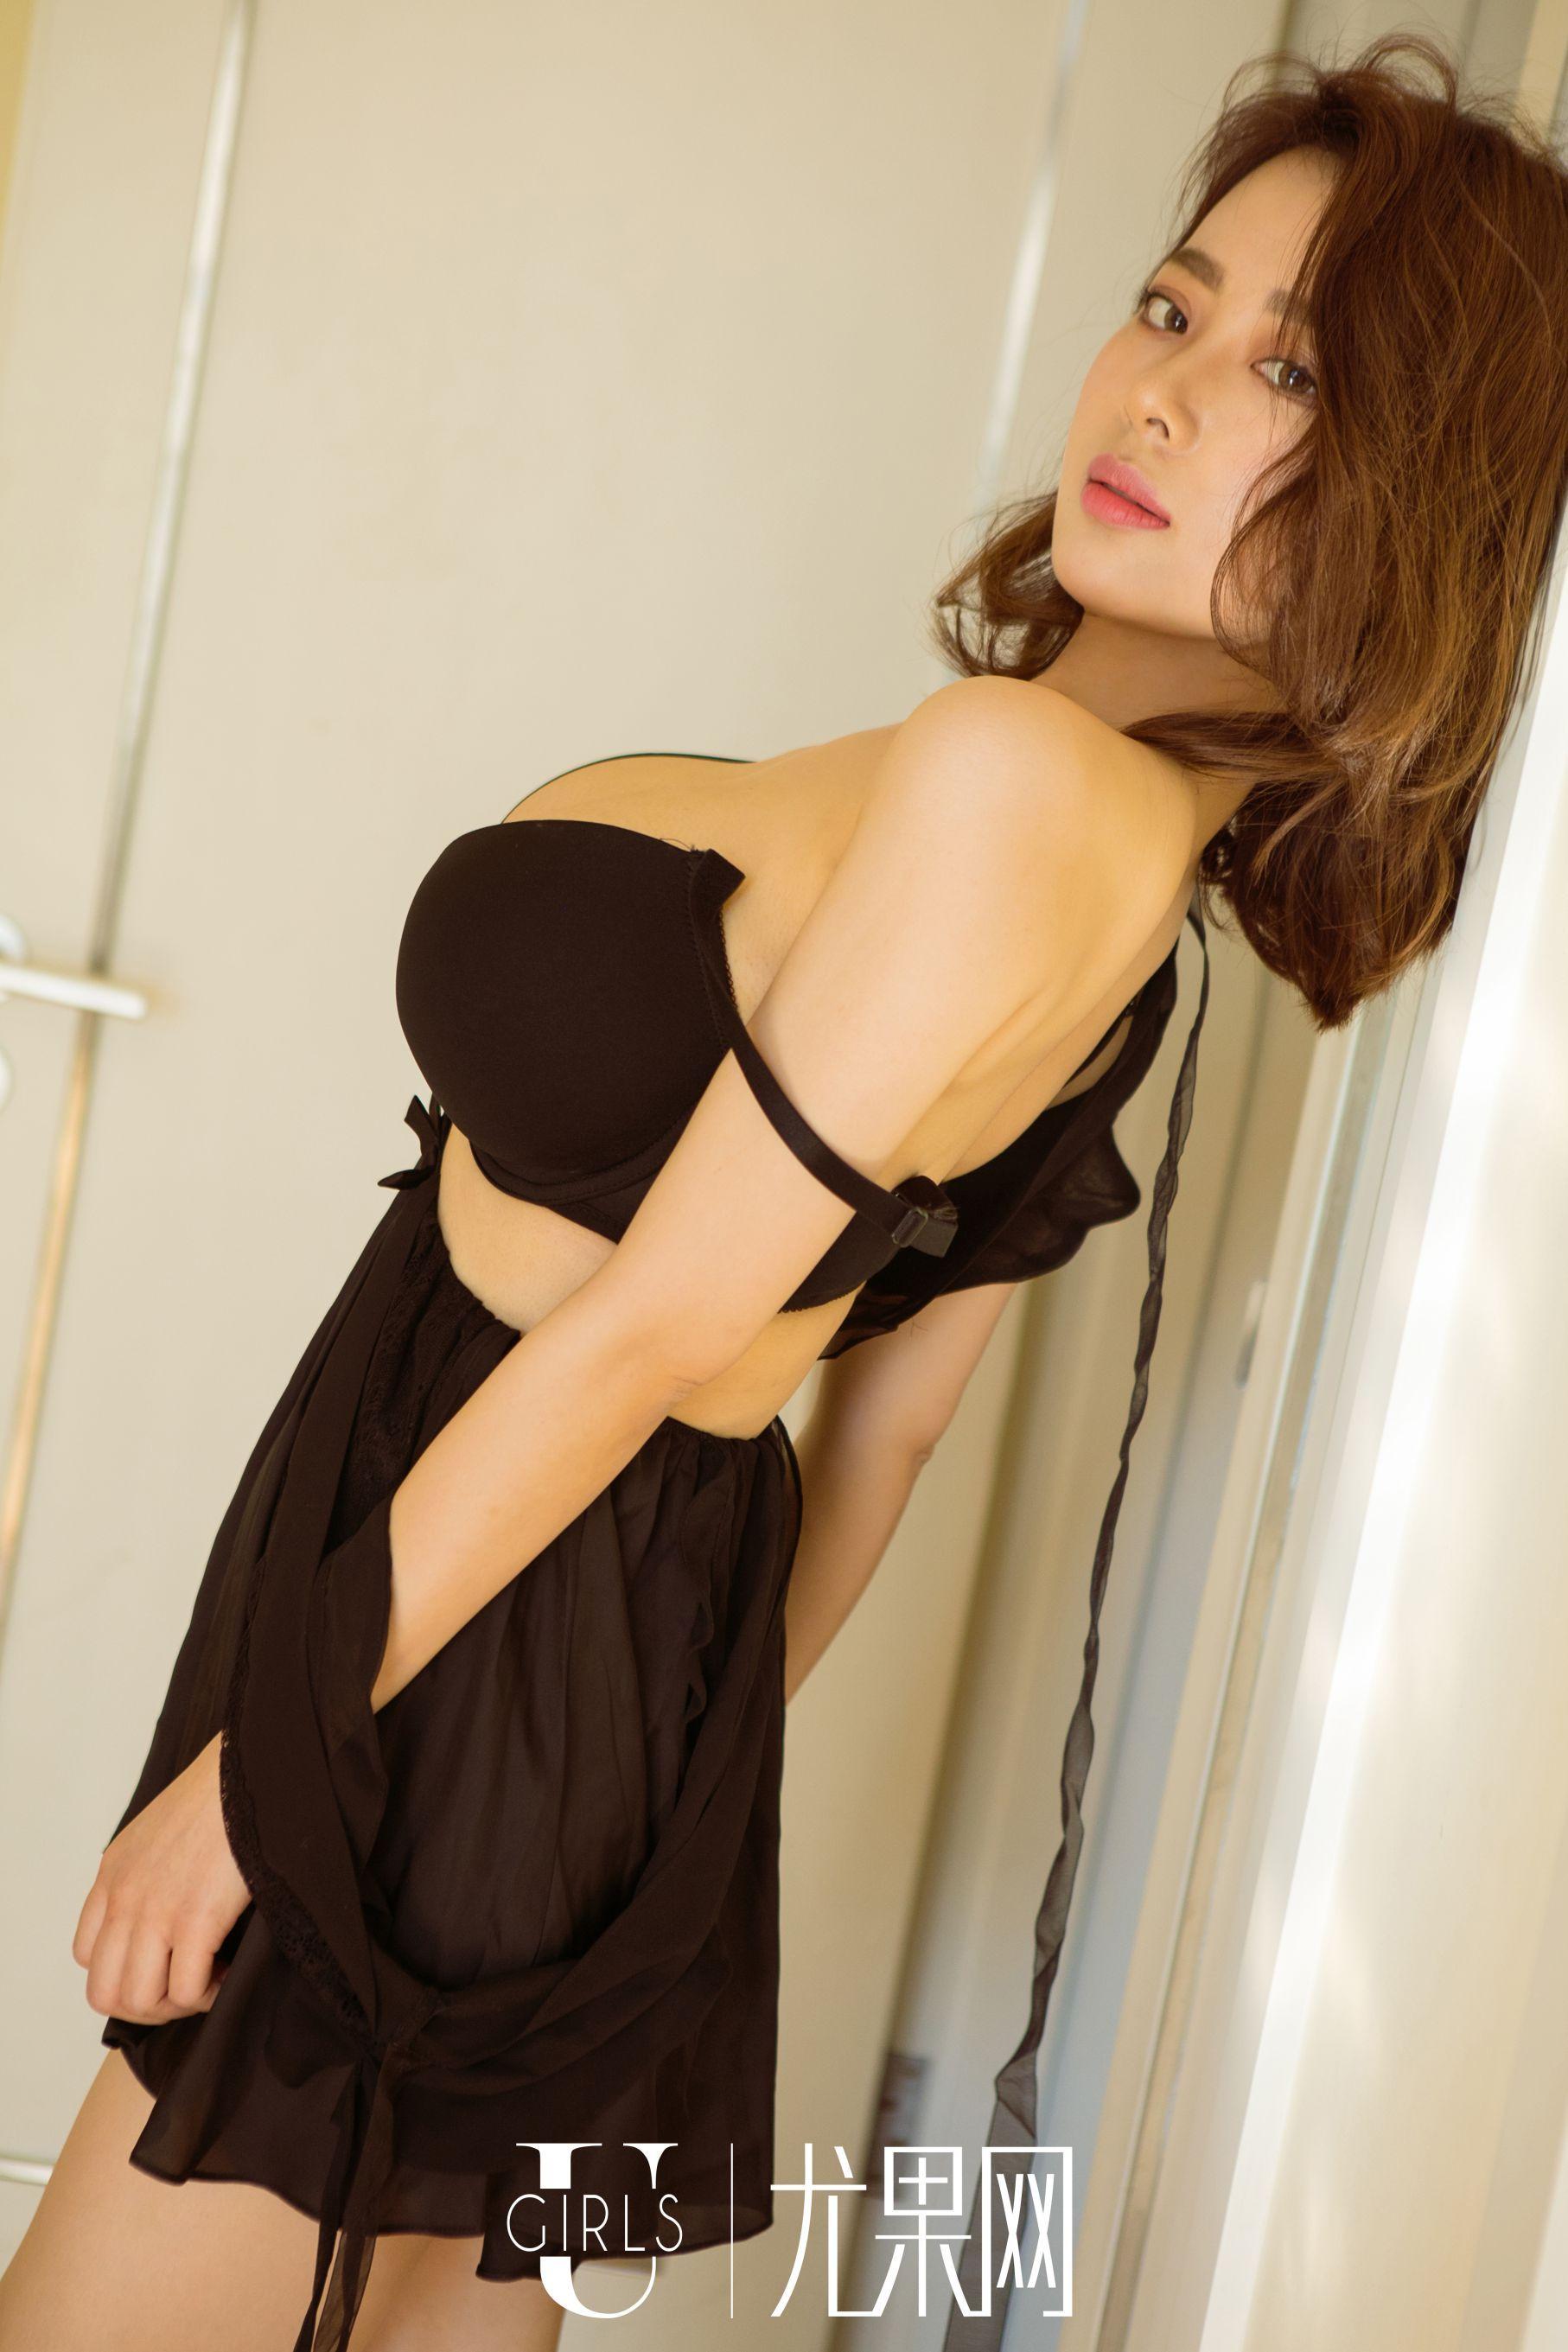 sexy asian women